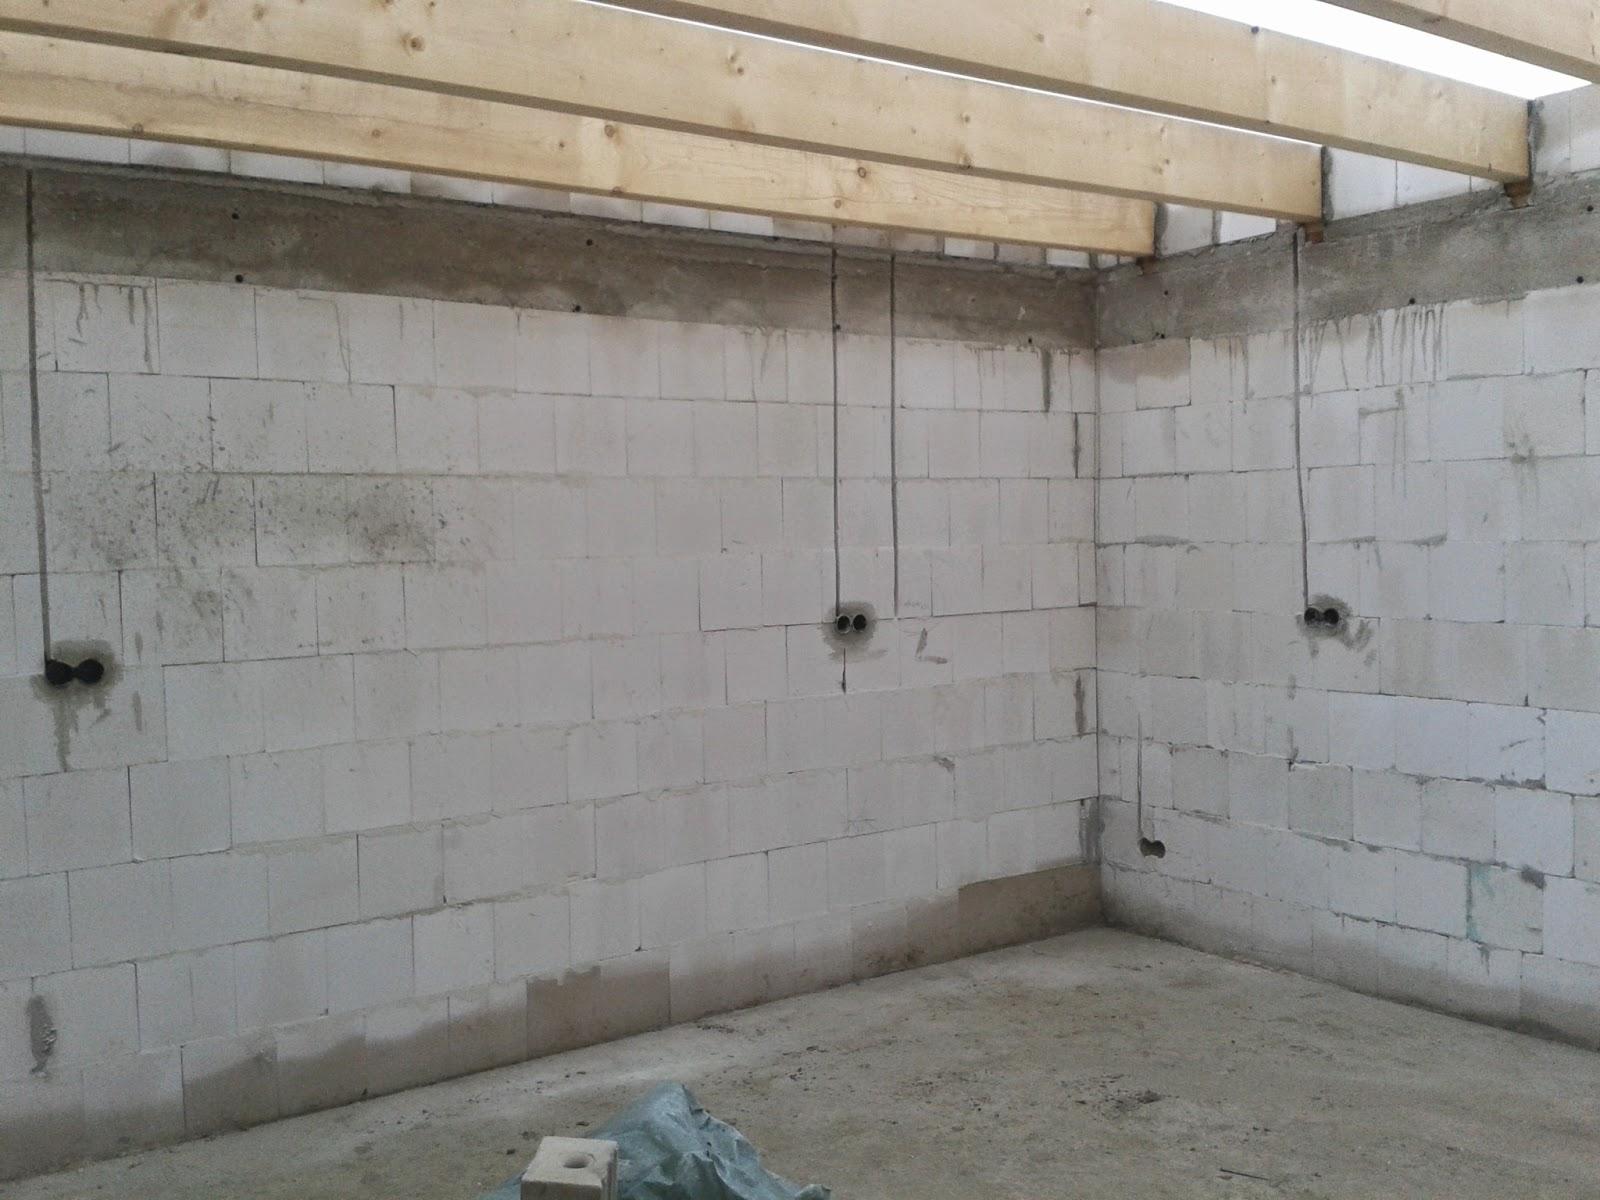 Garagen Fertig Dekoration : Unser bautagebuch garagen rohbau fertig